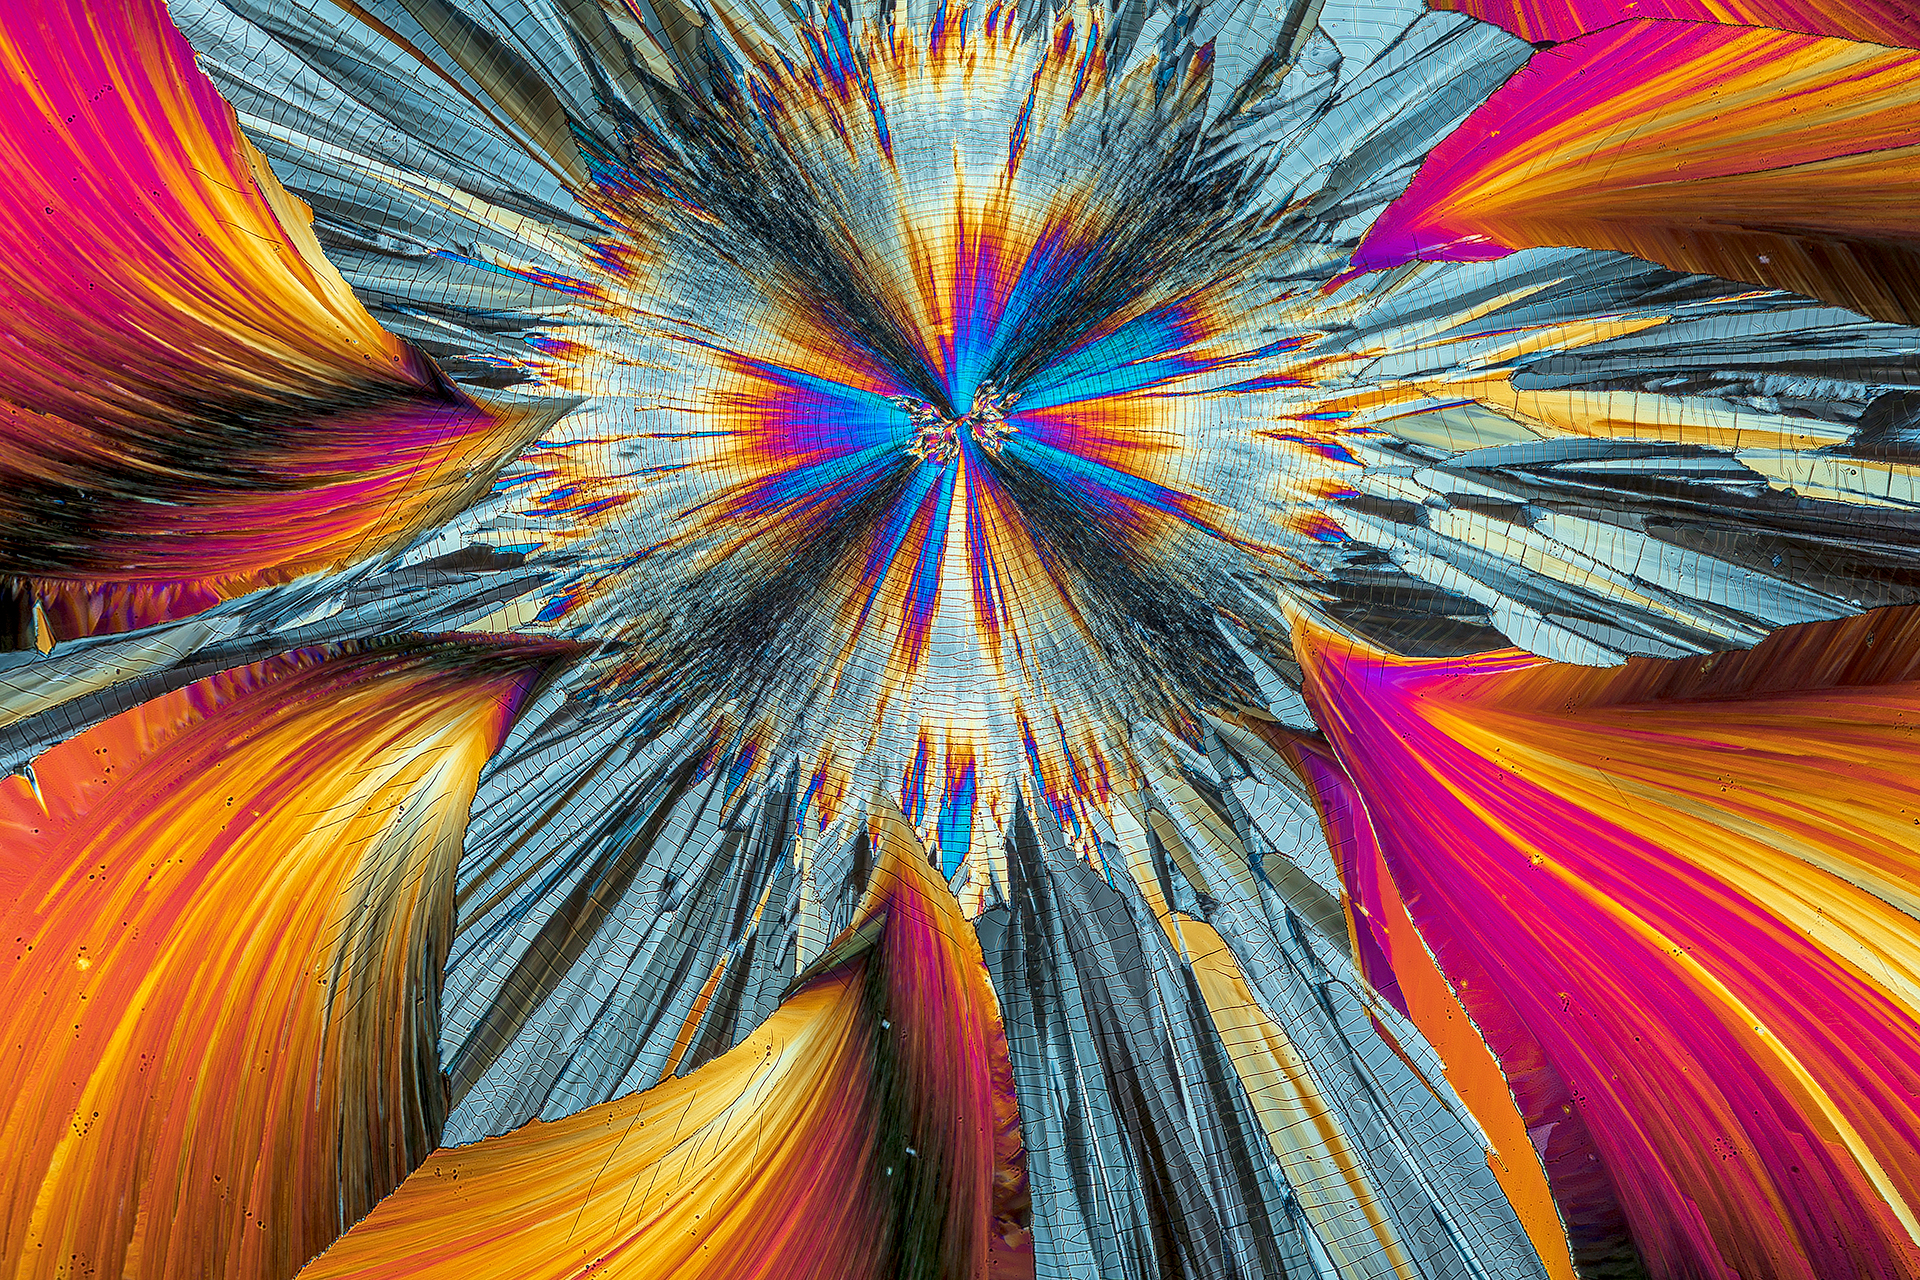 Hippursäure in einer Vergrößerung von 120:1, Mikro Kristall im polarisierten Licht.